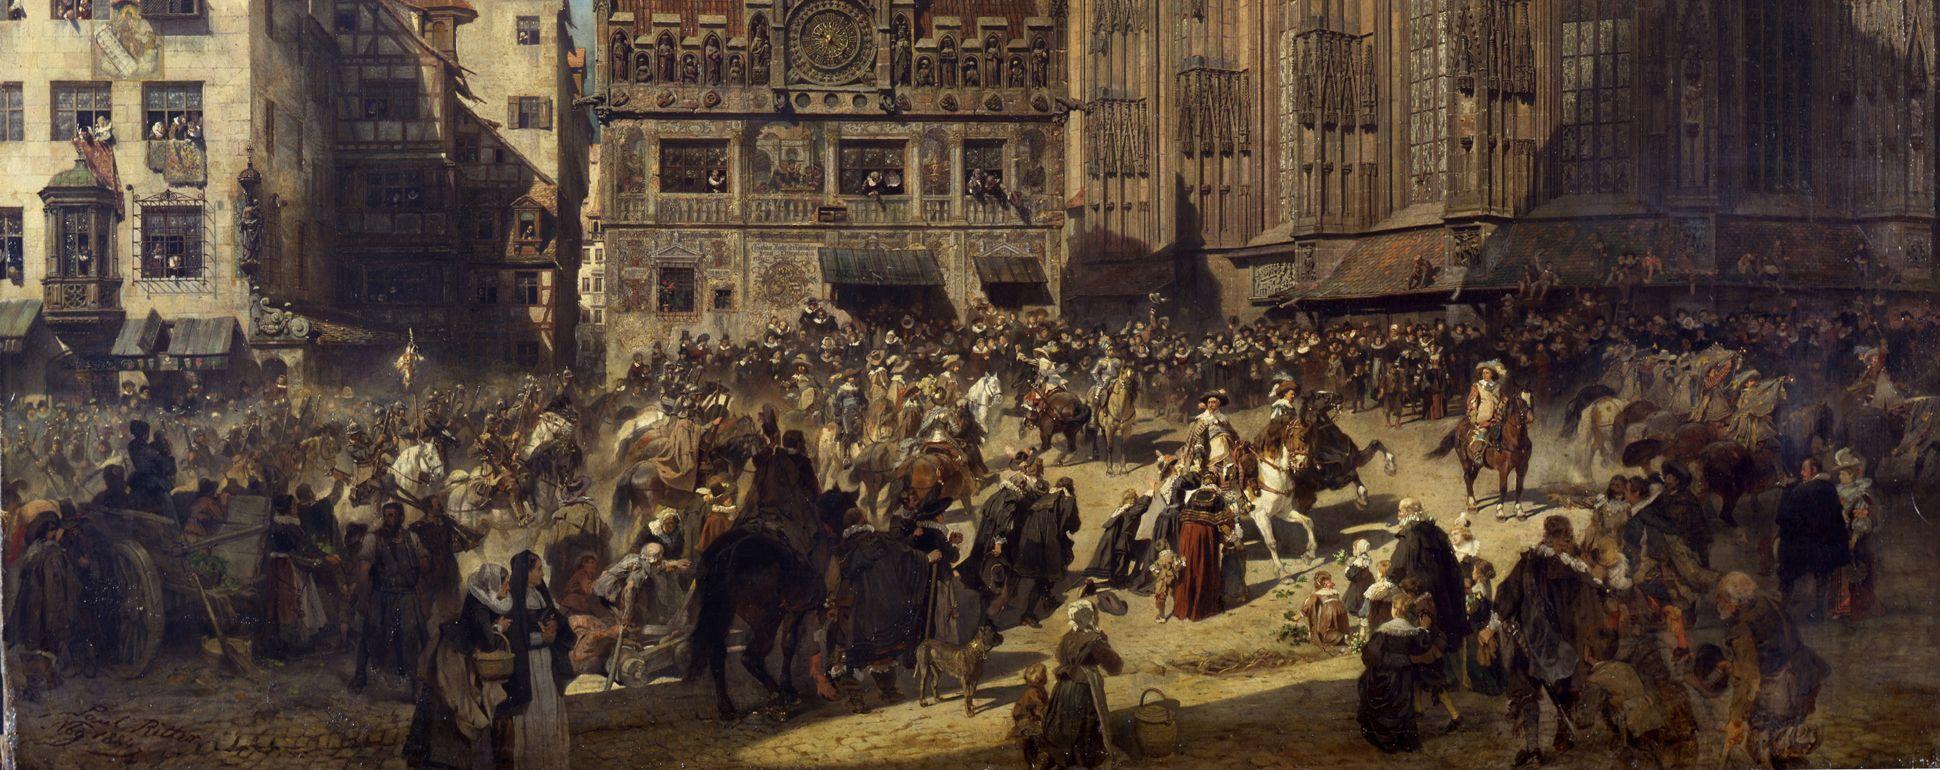 Die Alte Schau in Nürnberg untere Bildpartie